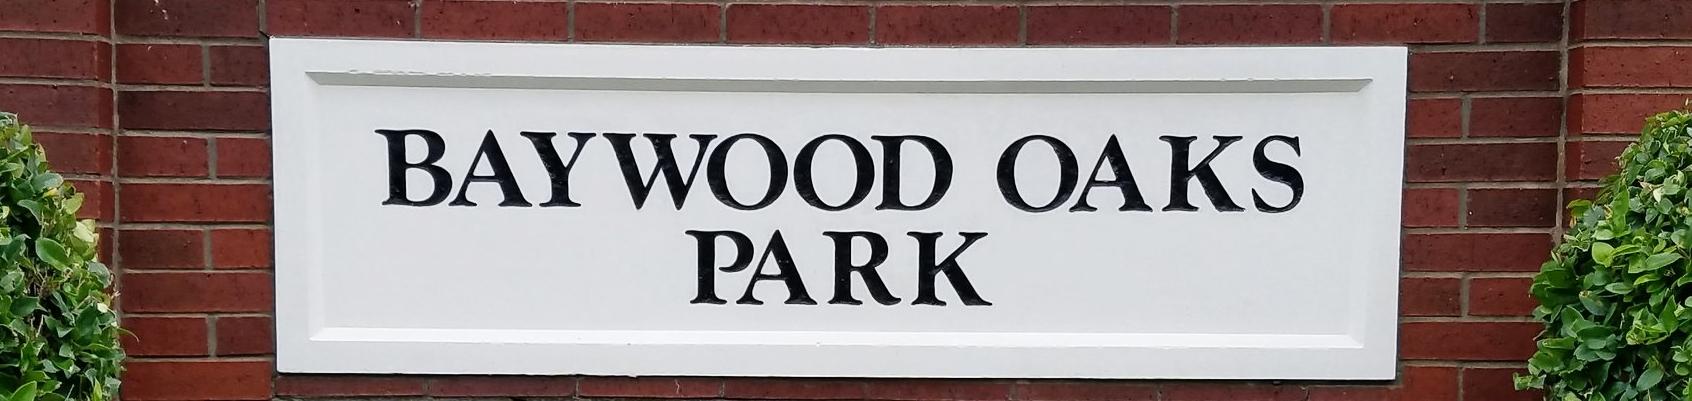 66_Baywood Oaks Park.jpg